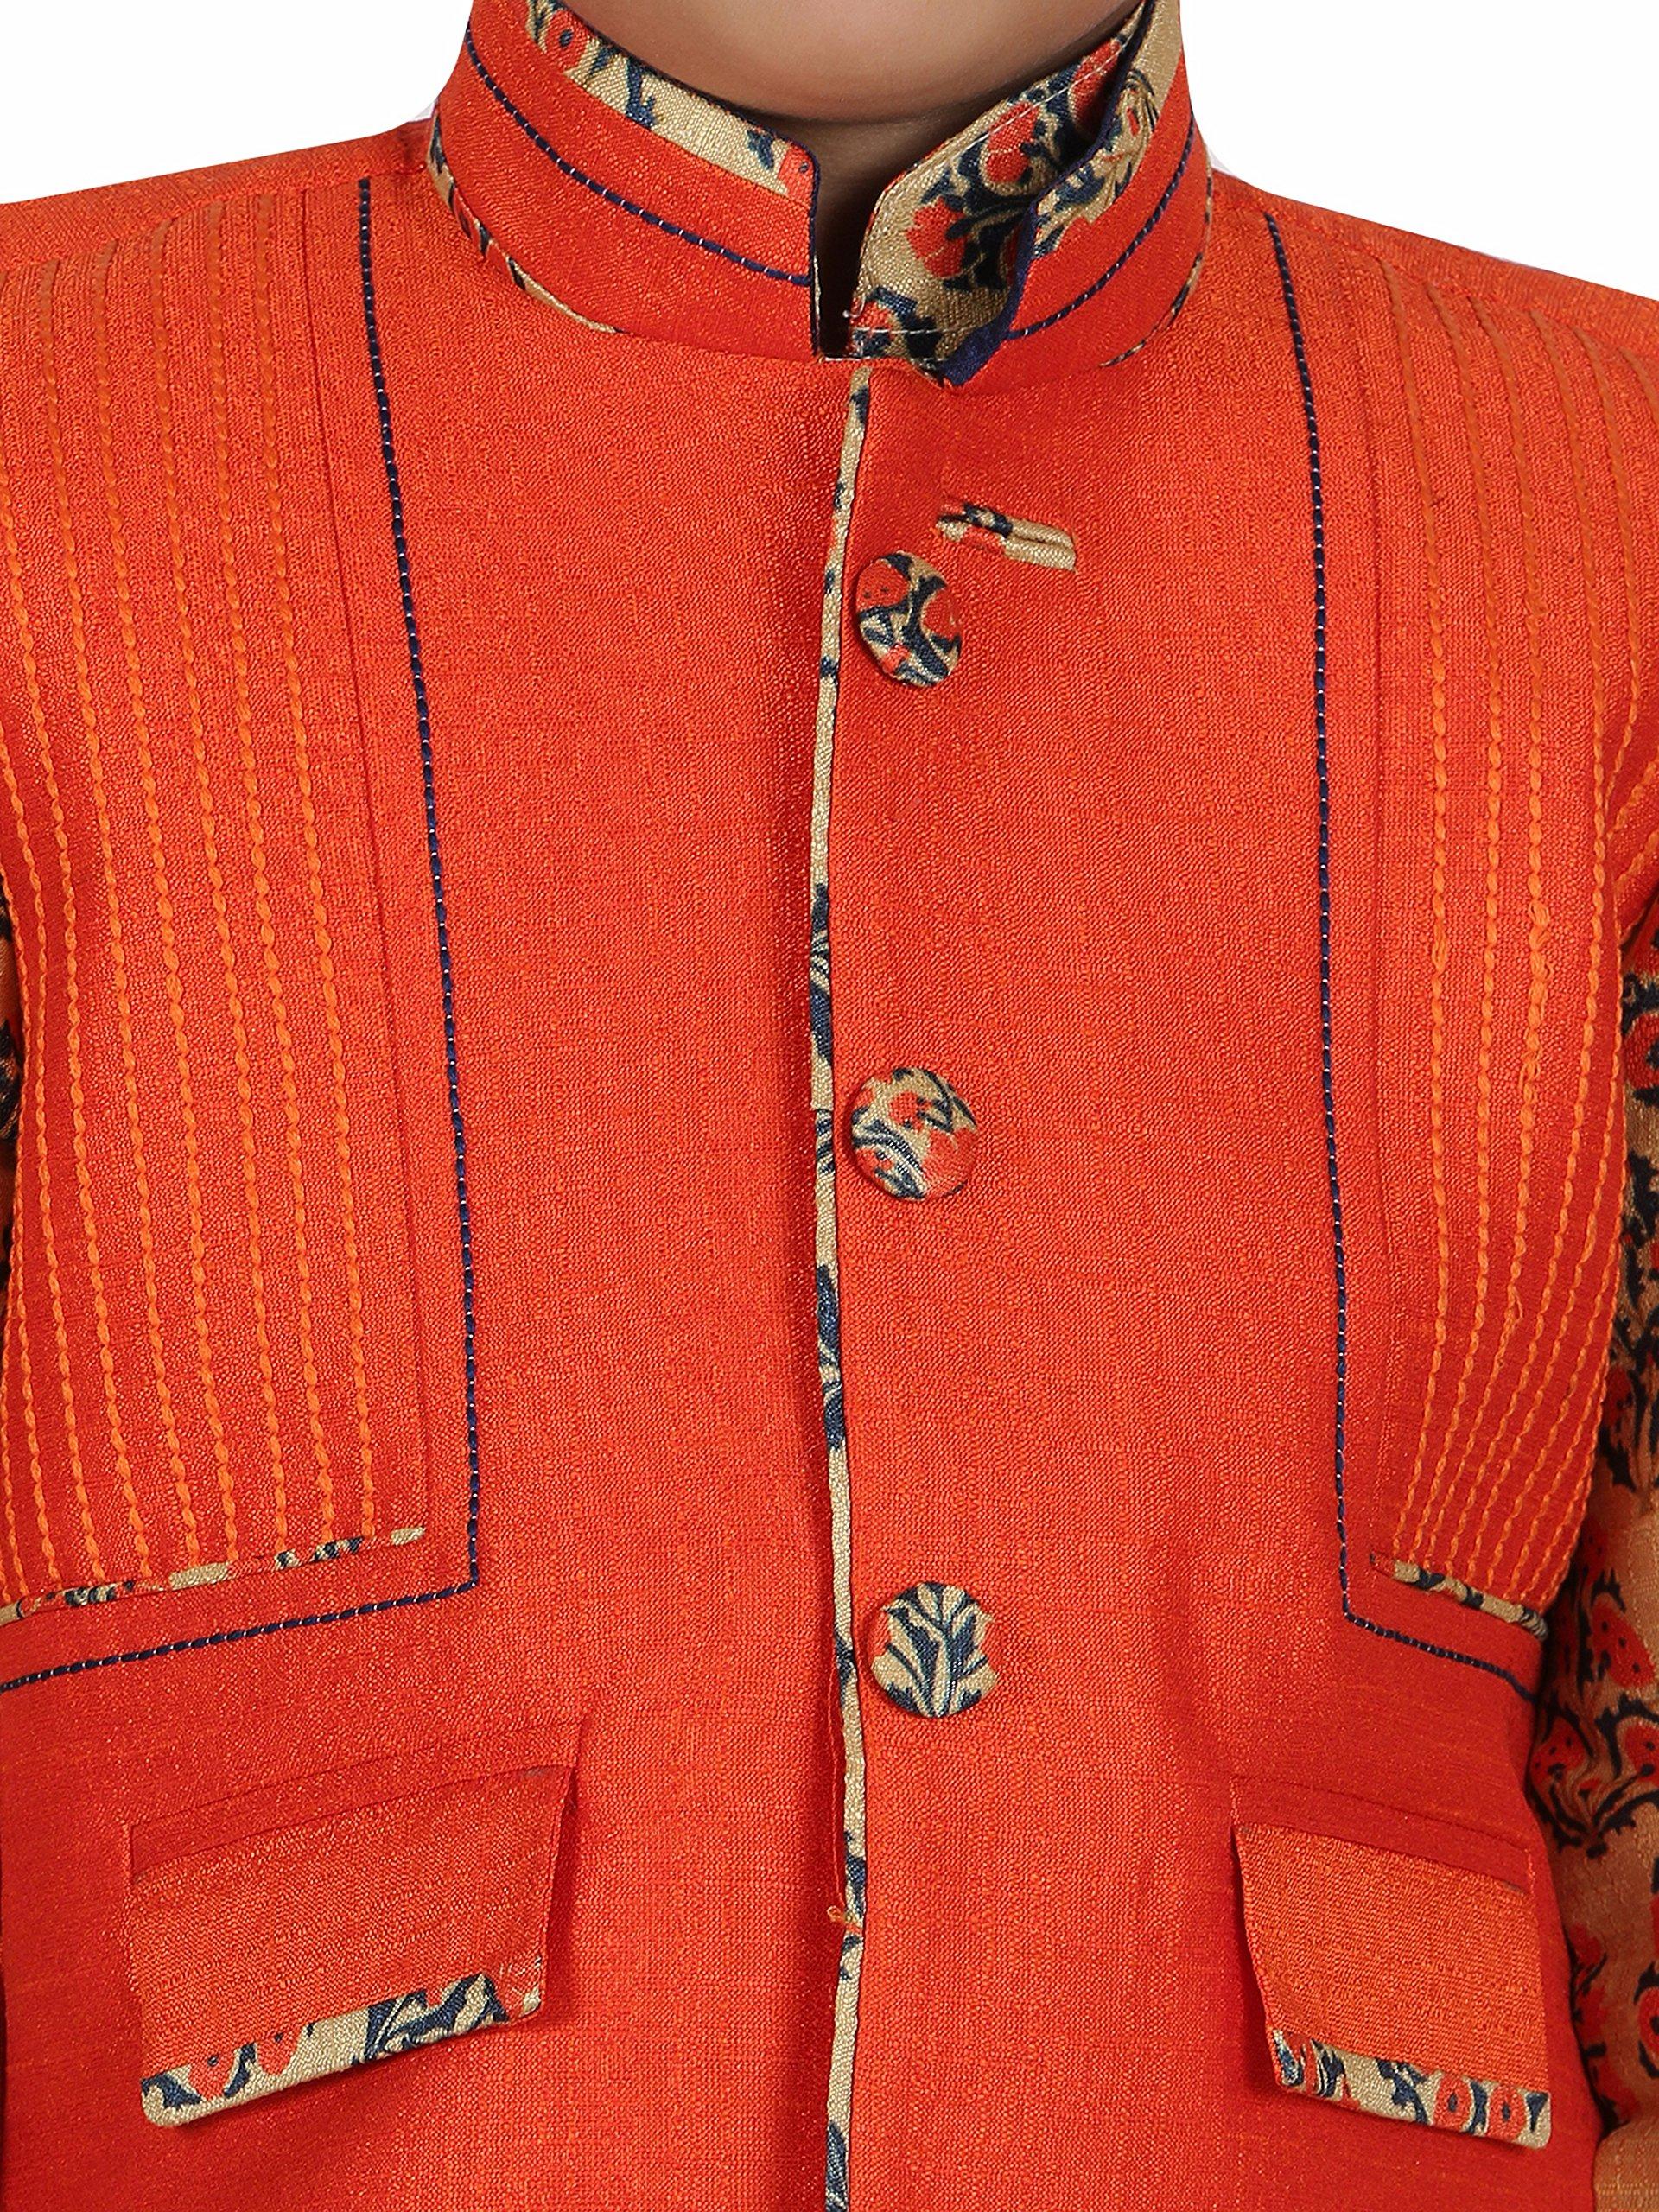 AJ Dezines Kids Indian Wear Bollywood Style Kurta Pyjama Waistcoat for Baby Boys by AJ Dezines (Image #5)